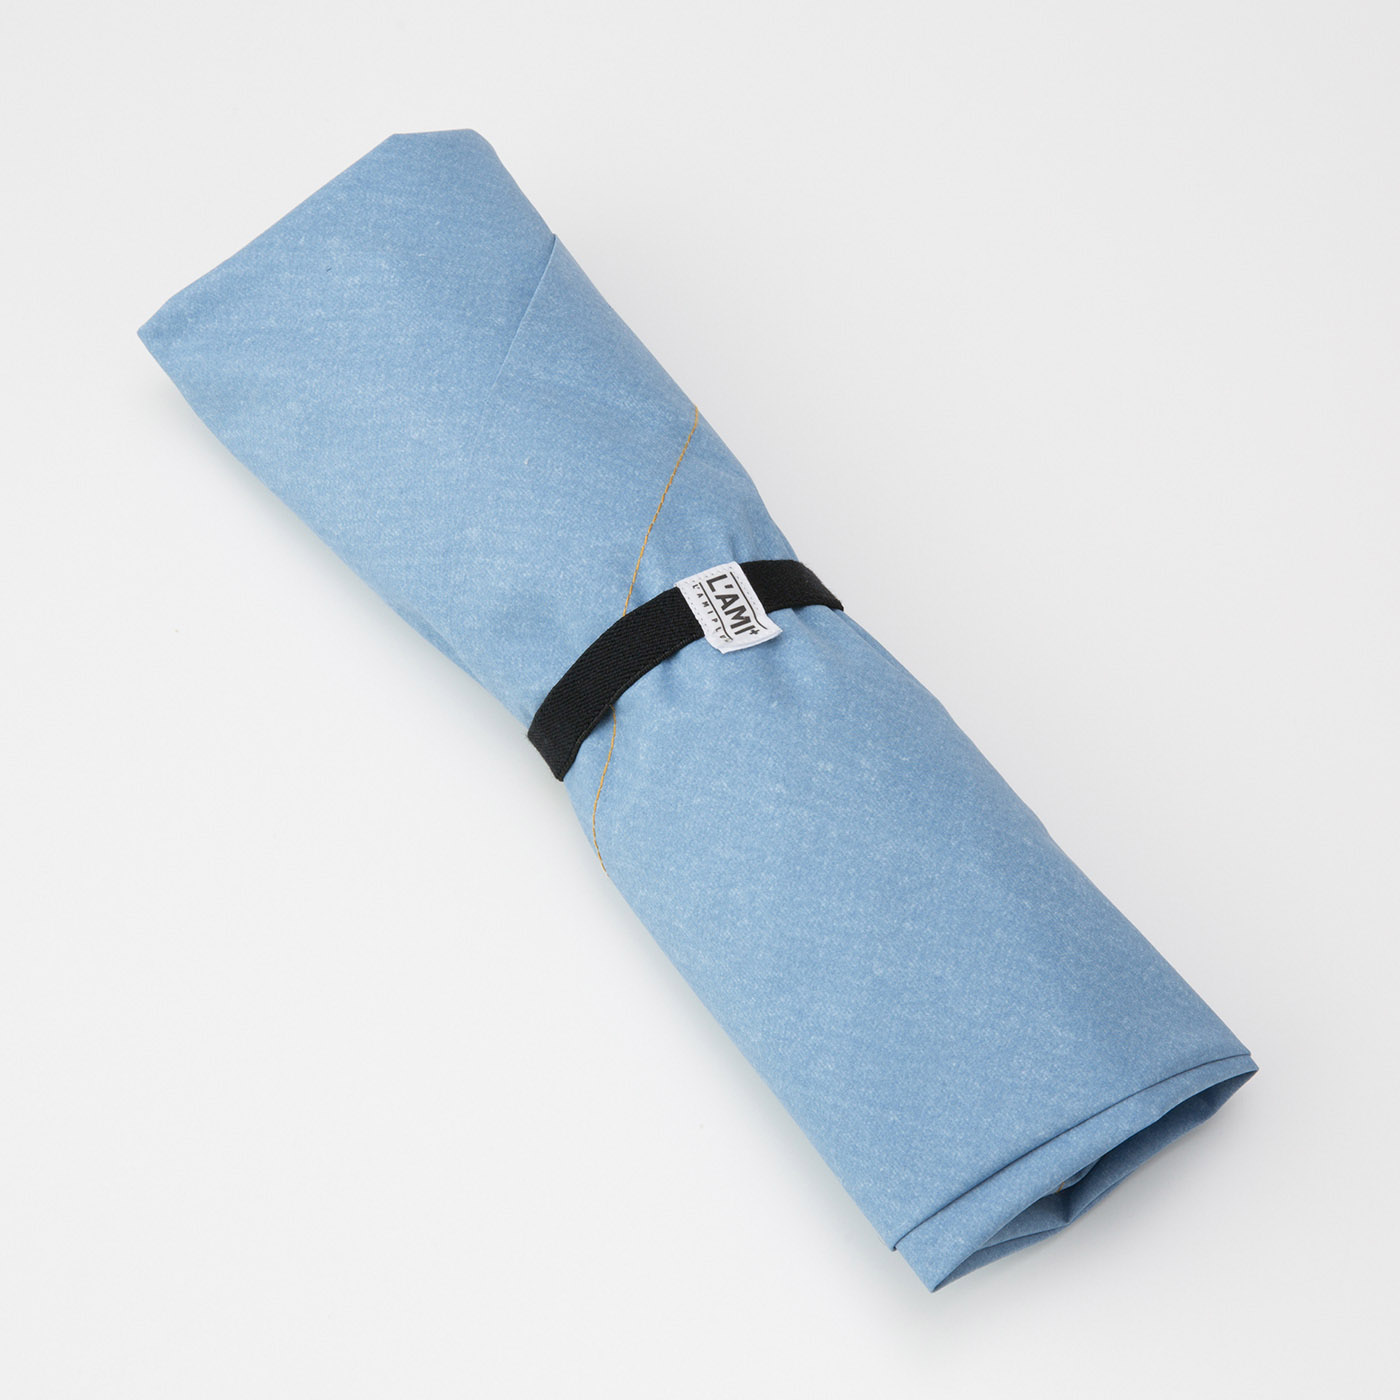 折りたたみ傘カバー。